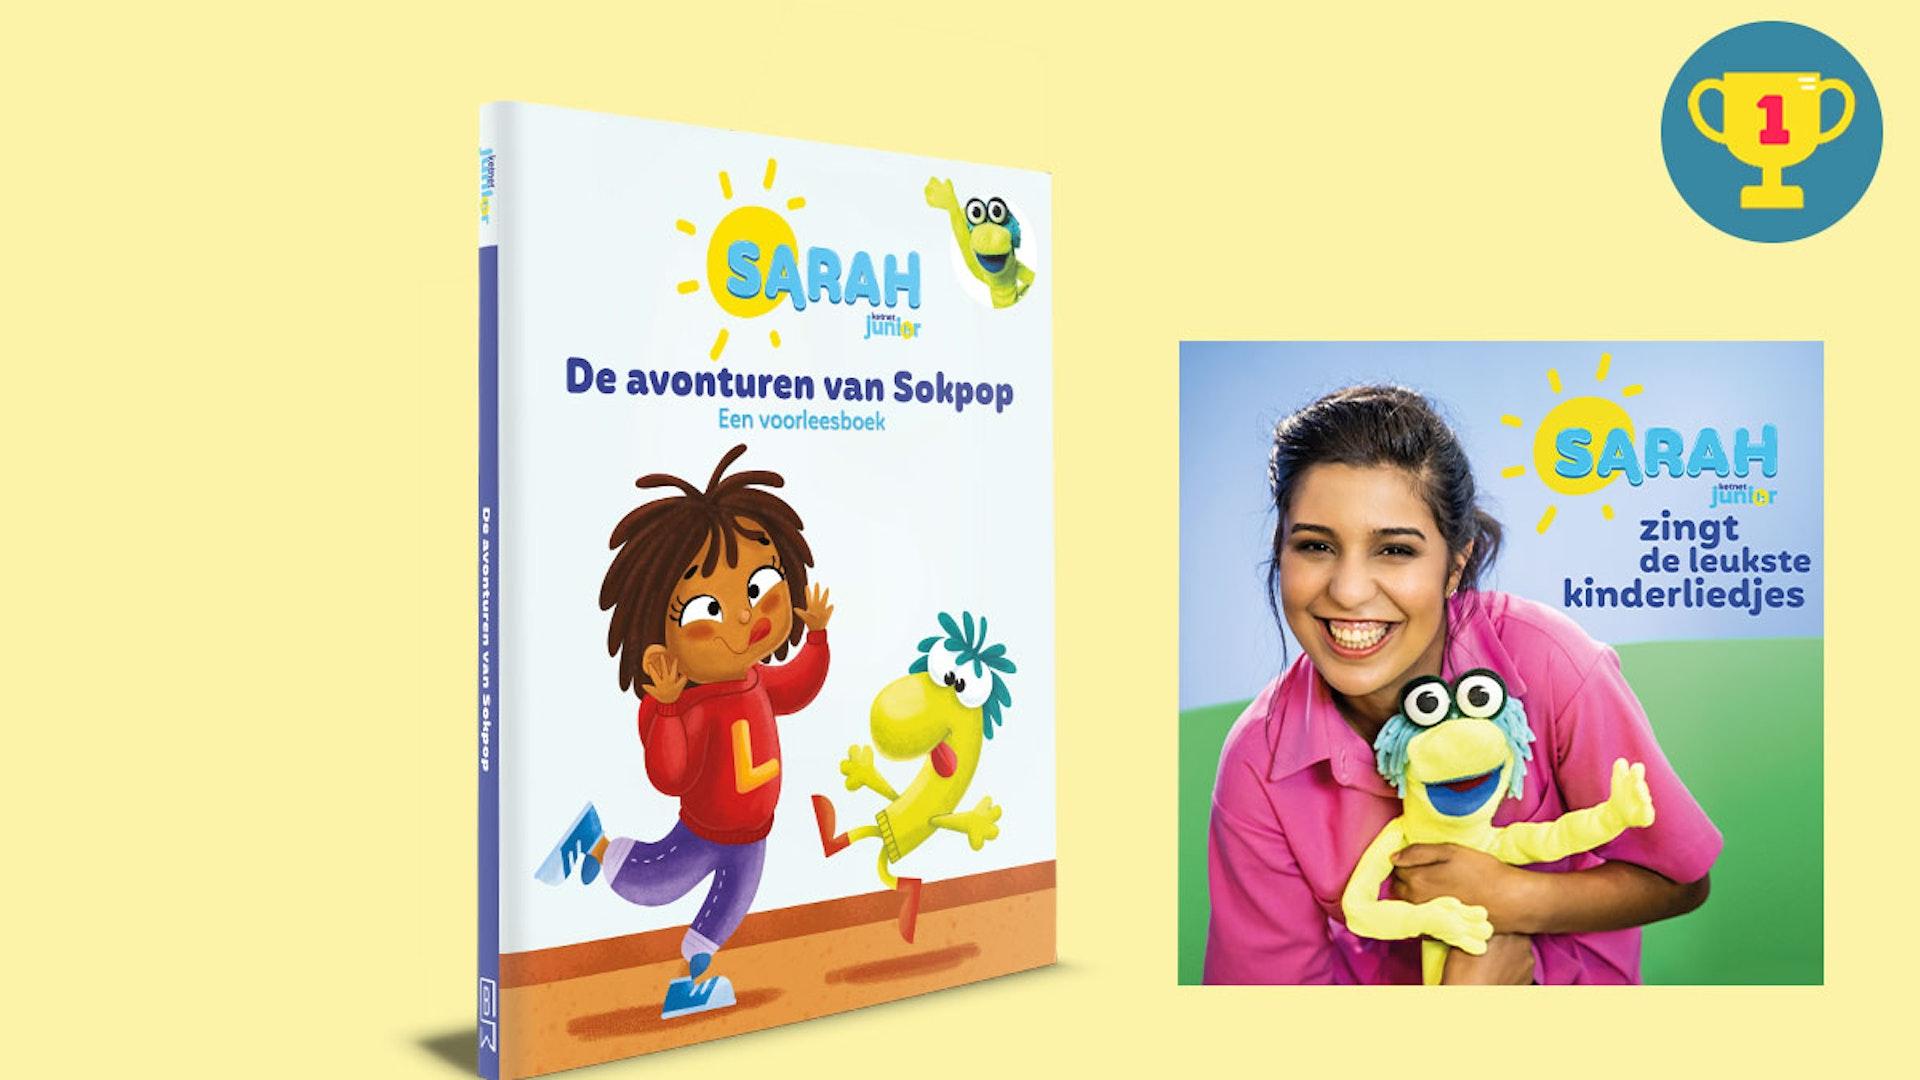 Win het voorleesboek en de CD van Sarah